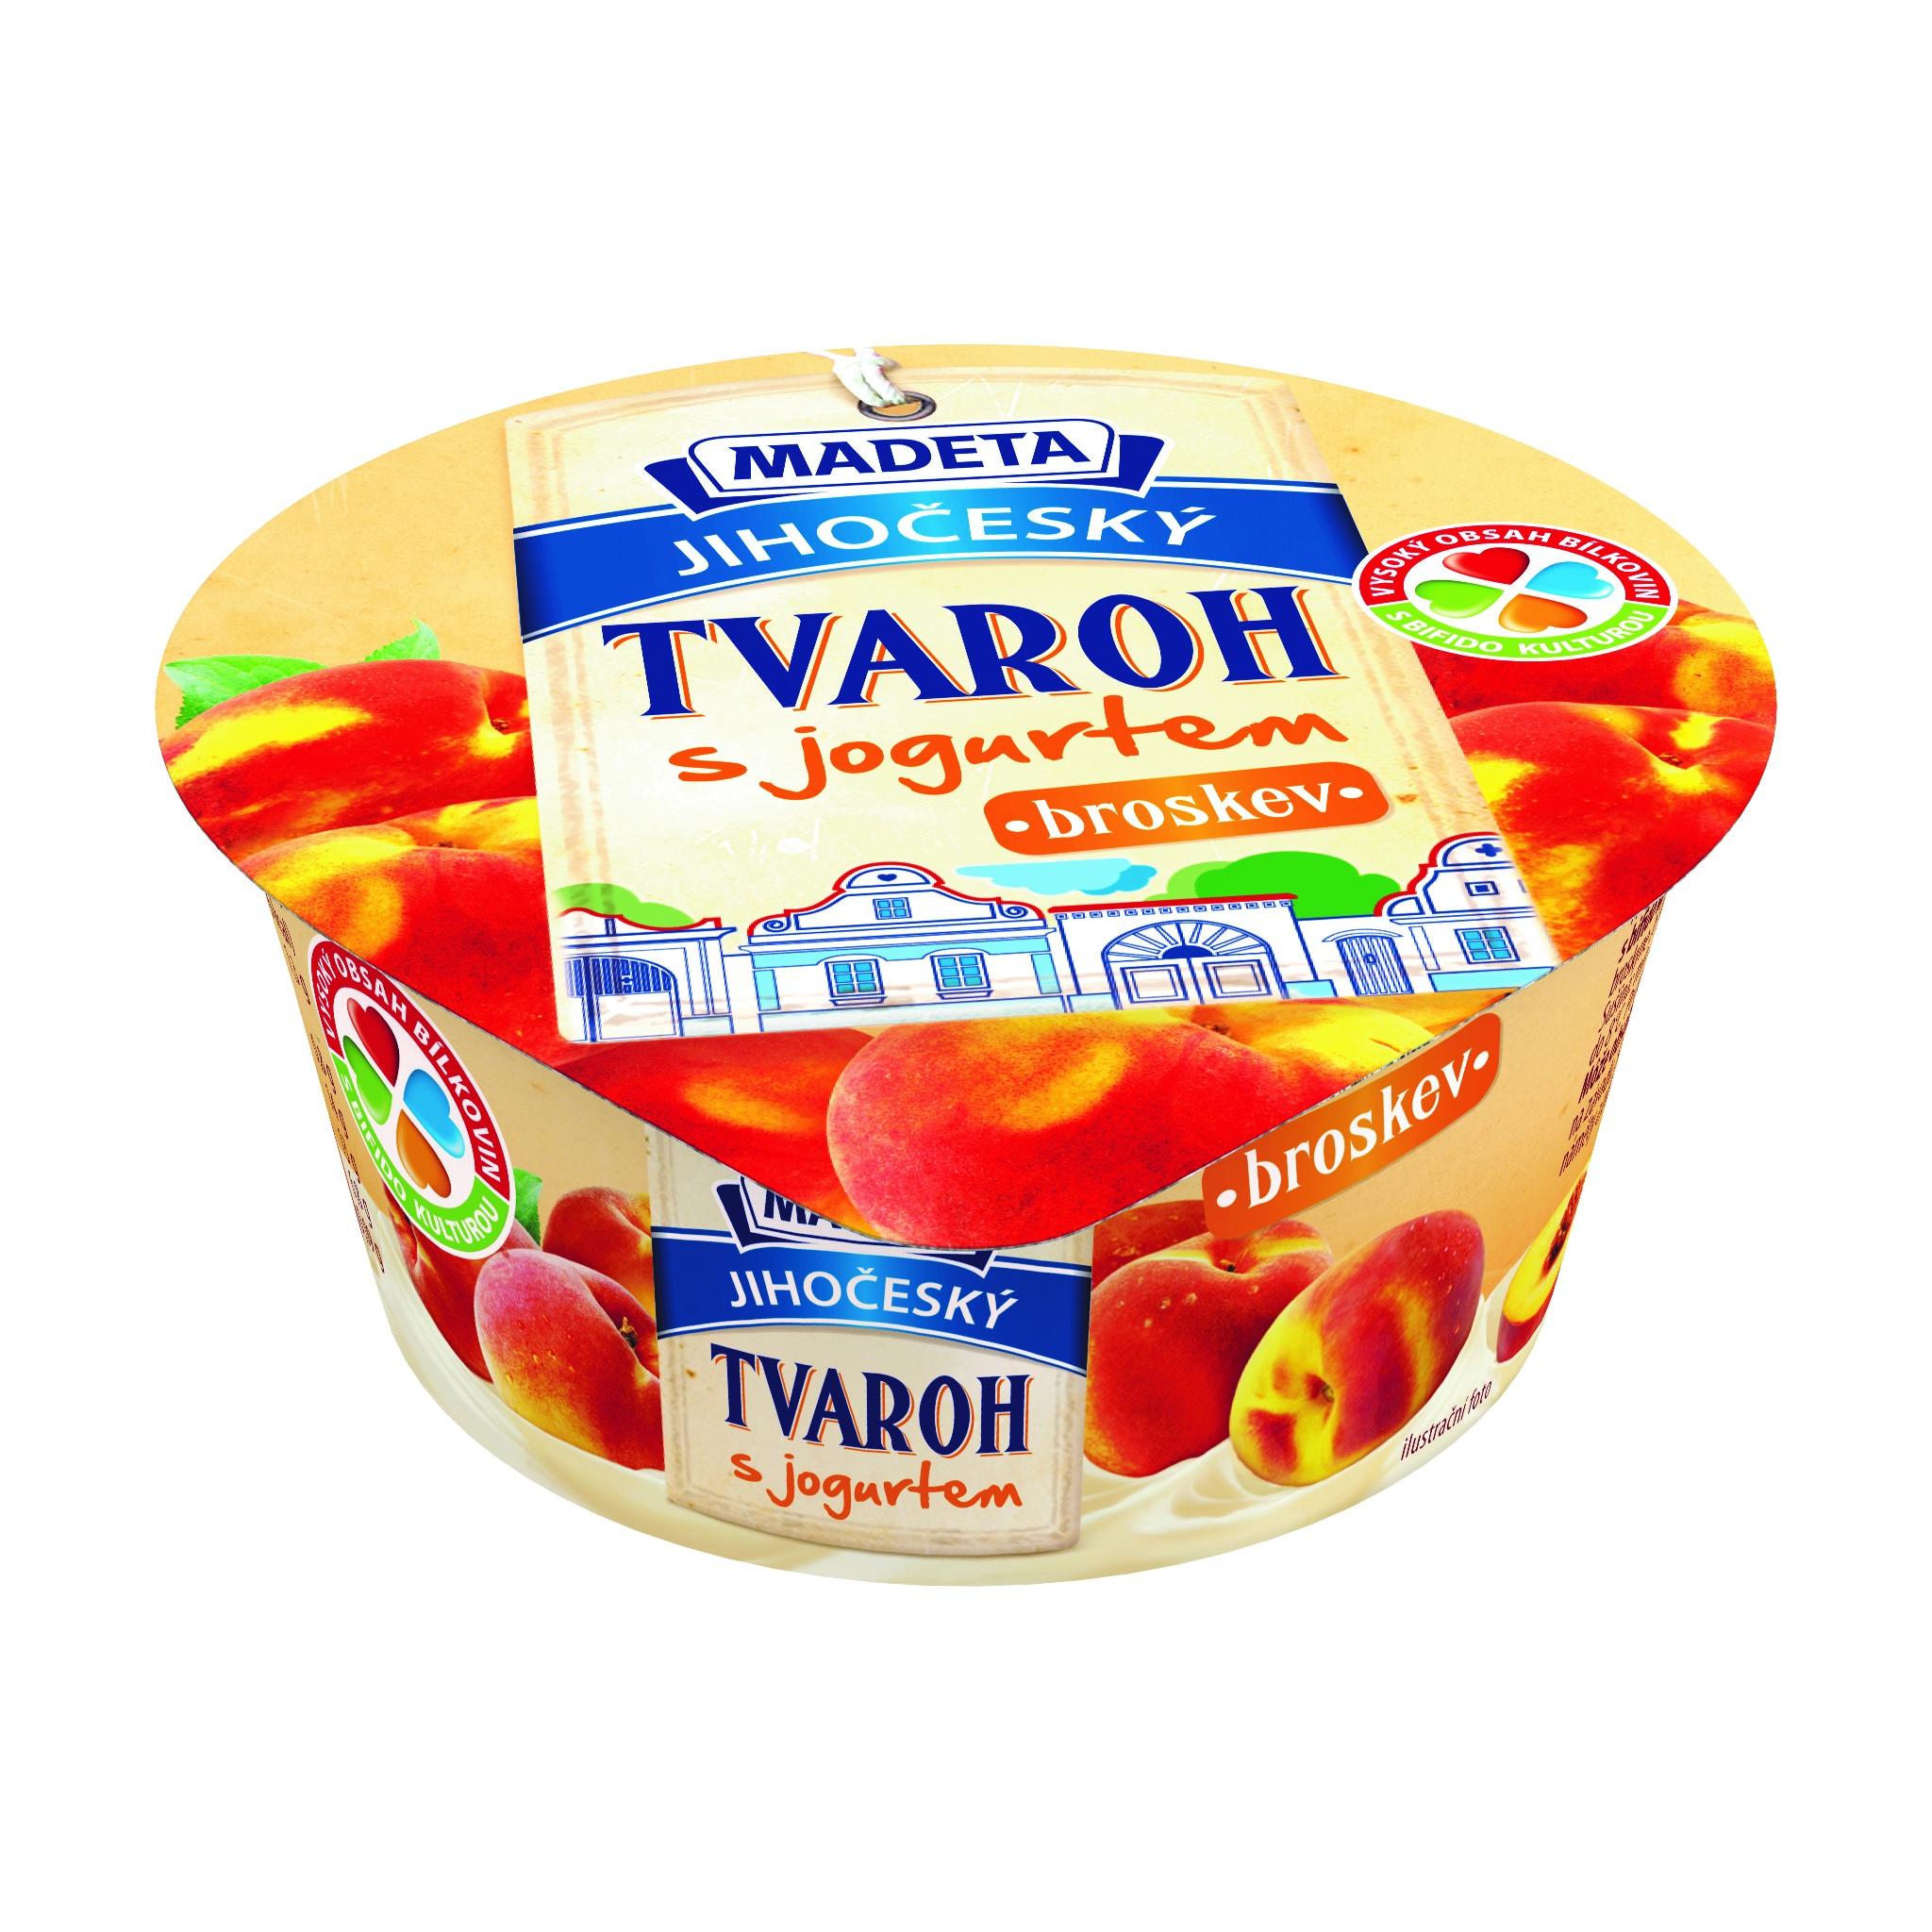 Značka JIhočeský tvaroh s jogurtem broskev